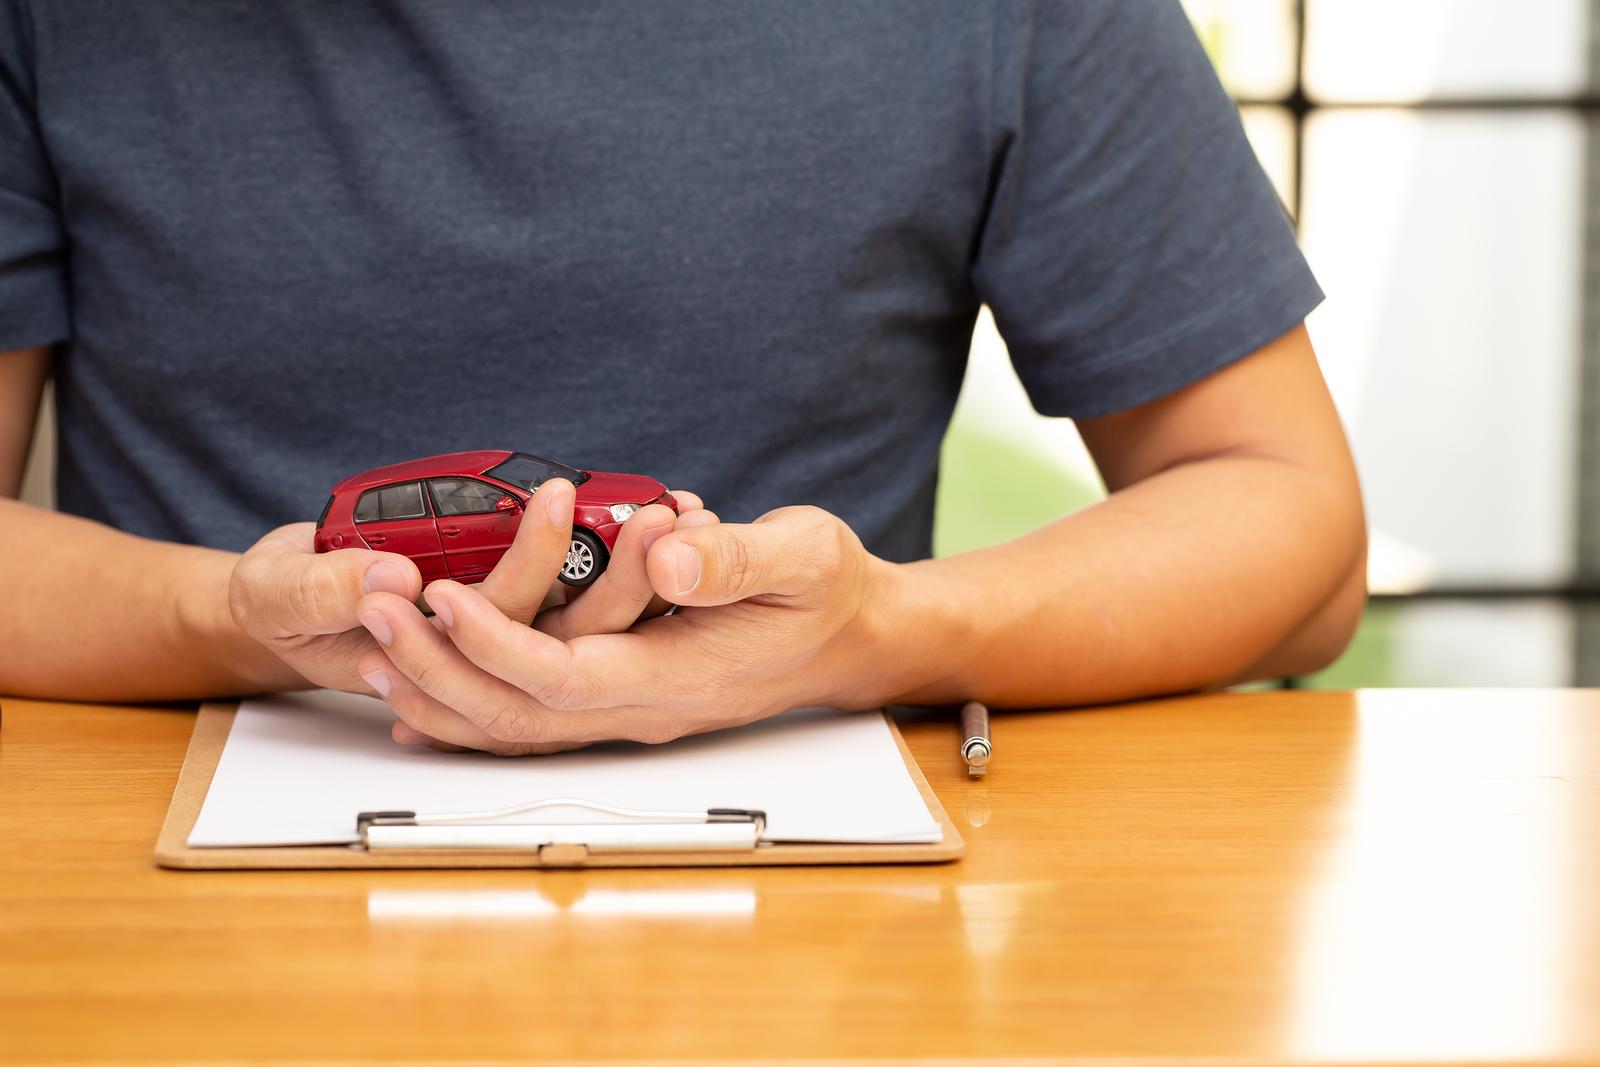 Vorläufige Deckung in Kfz-Kaskoversicherung - Prämienzahlung bei Nichtzustandekommen des Hauptvertrags